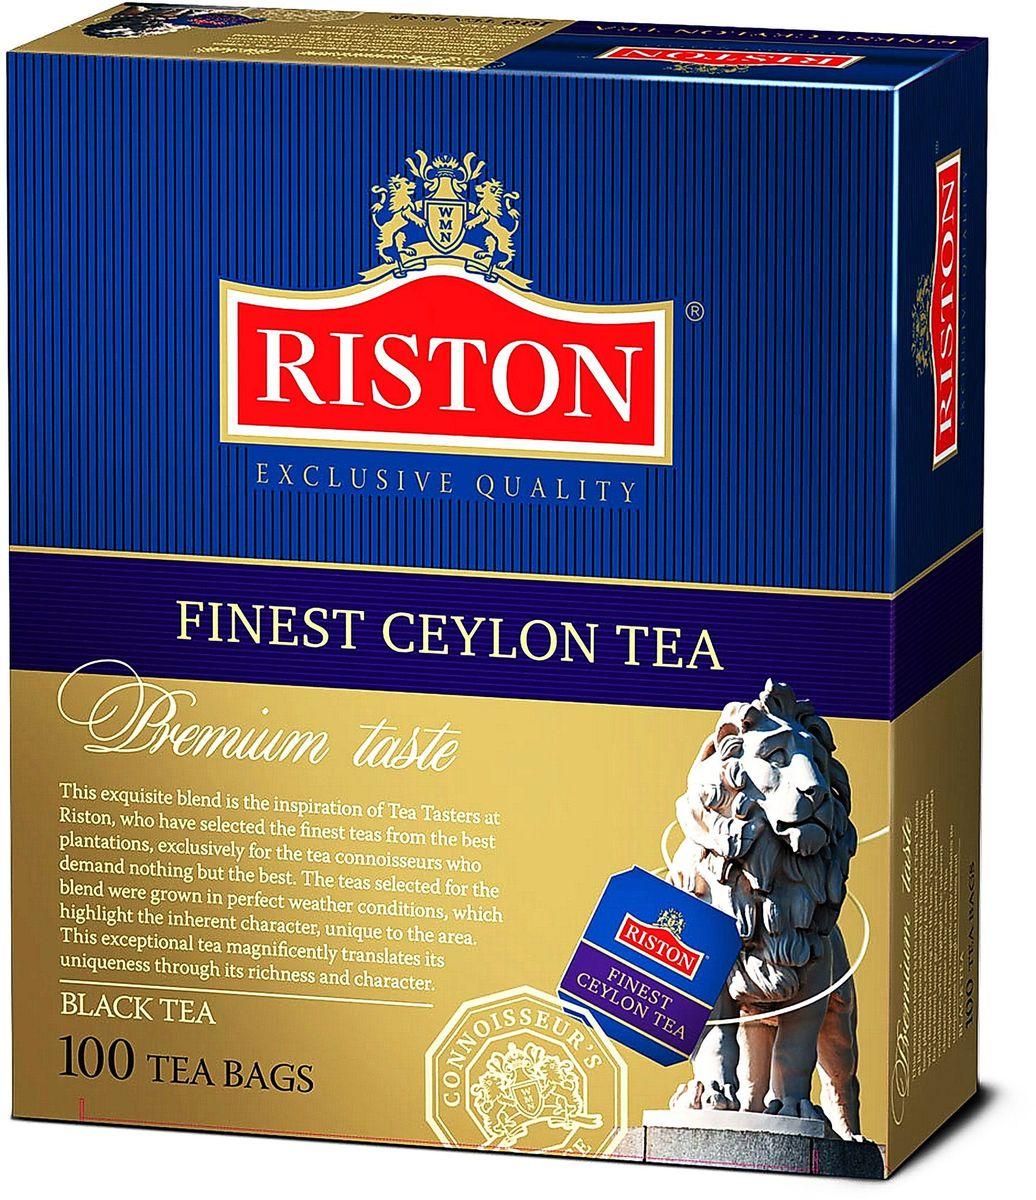 Riston Файнест Цейлон черный чай в пакетиках, 100 шт4792156001746Черный чай Riston Файнест Цейлон с классическим вкусом и богатым насыщенным ароматом, собранный на горных плантациях Димбулы (Цейлон), согревает наши мысли и дарит удивительное настроение на весь день. Оставляет долгое, необыкновенно приятное послевкусие. Стандарт BOPF.